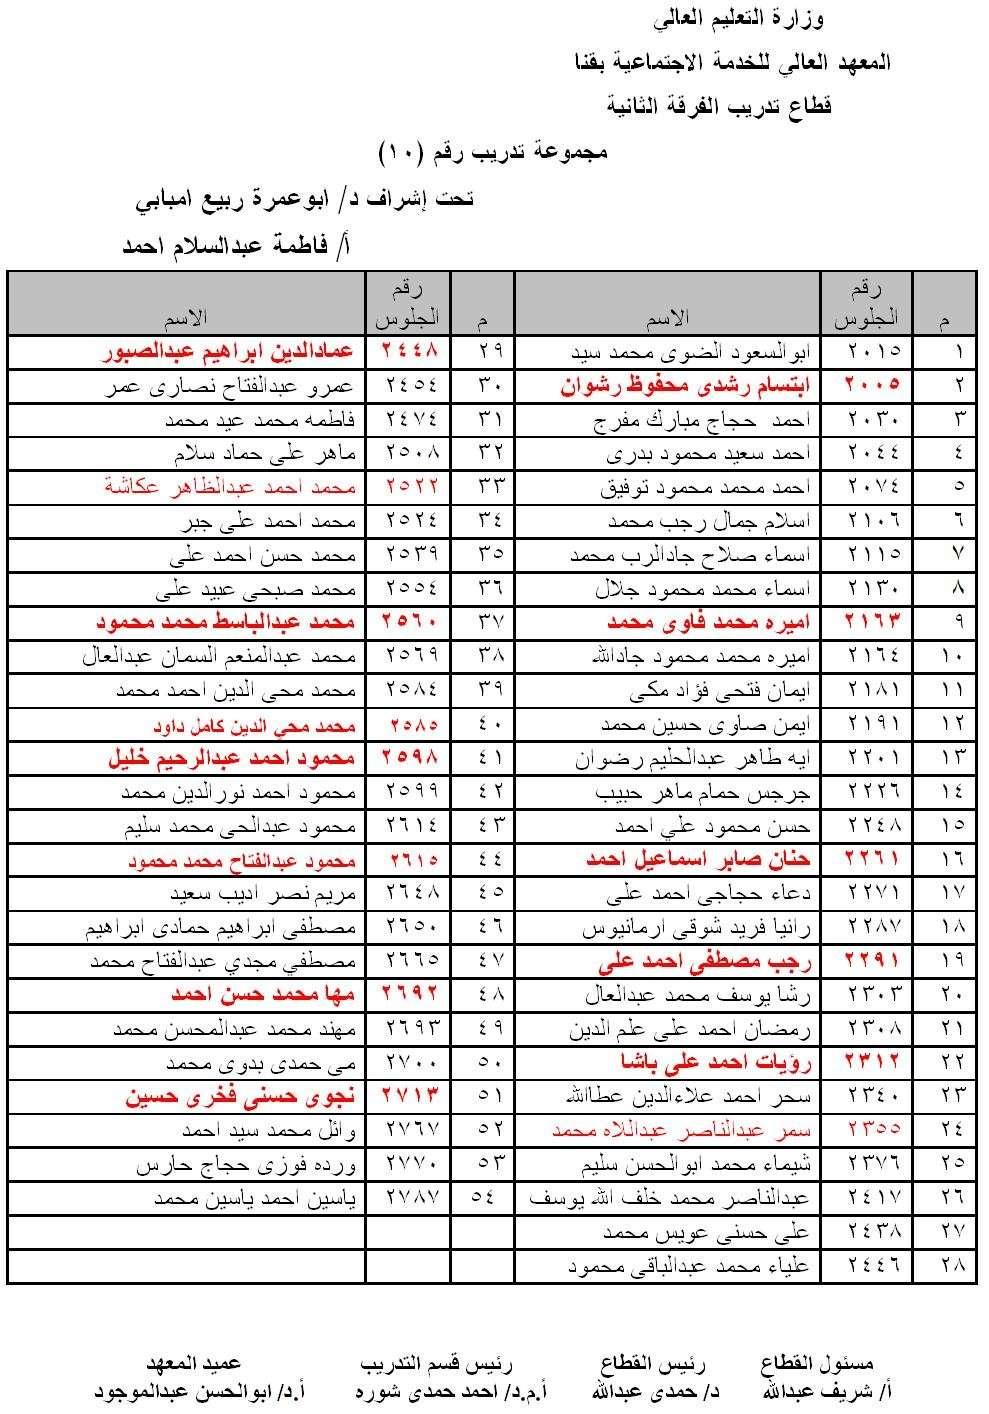 توزيع مجموعات تدريب الفرقة الثانية 2014 - 2015 1010